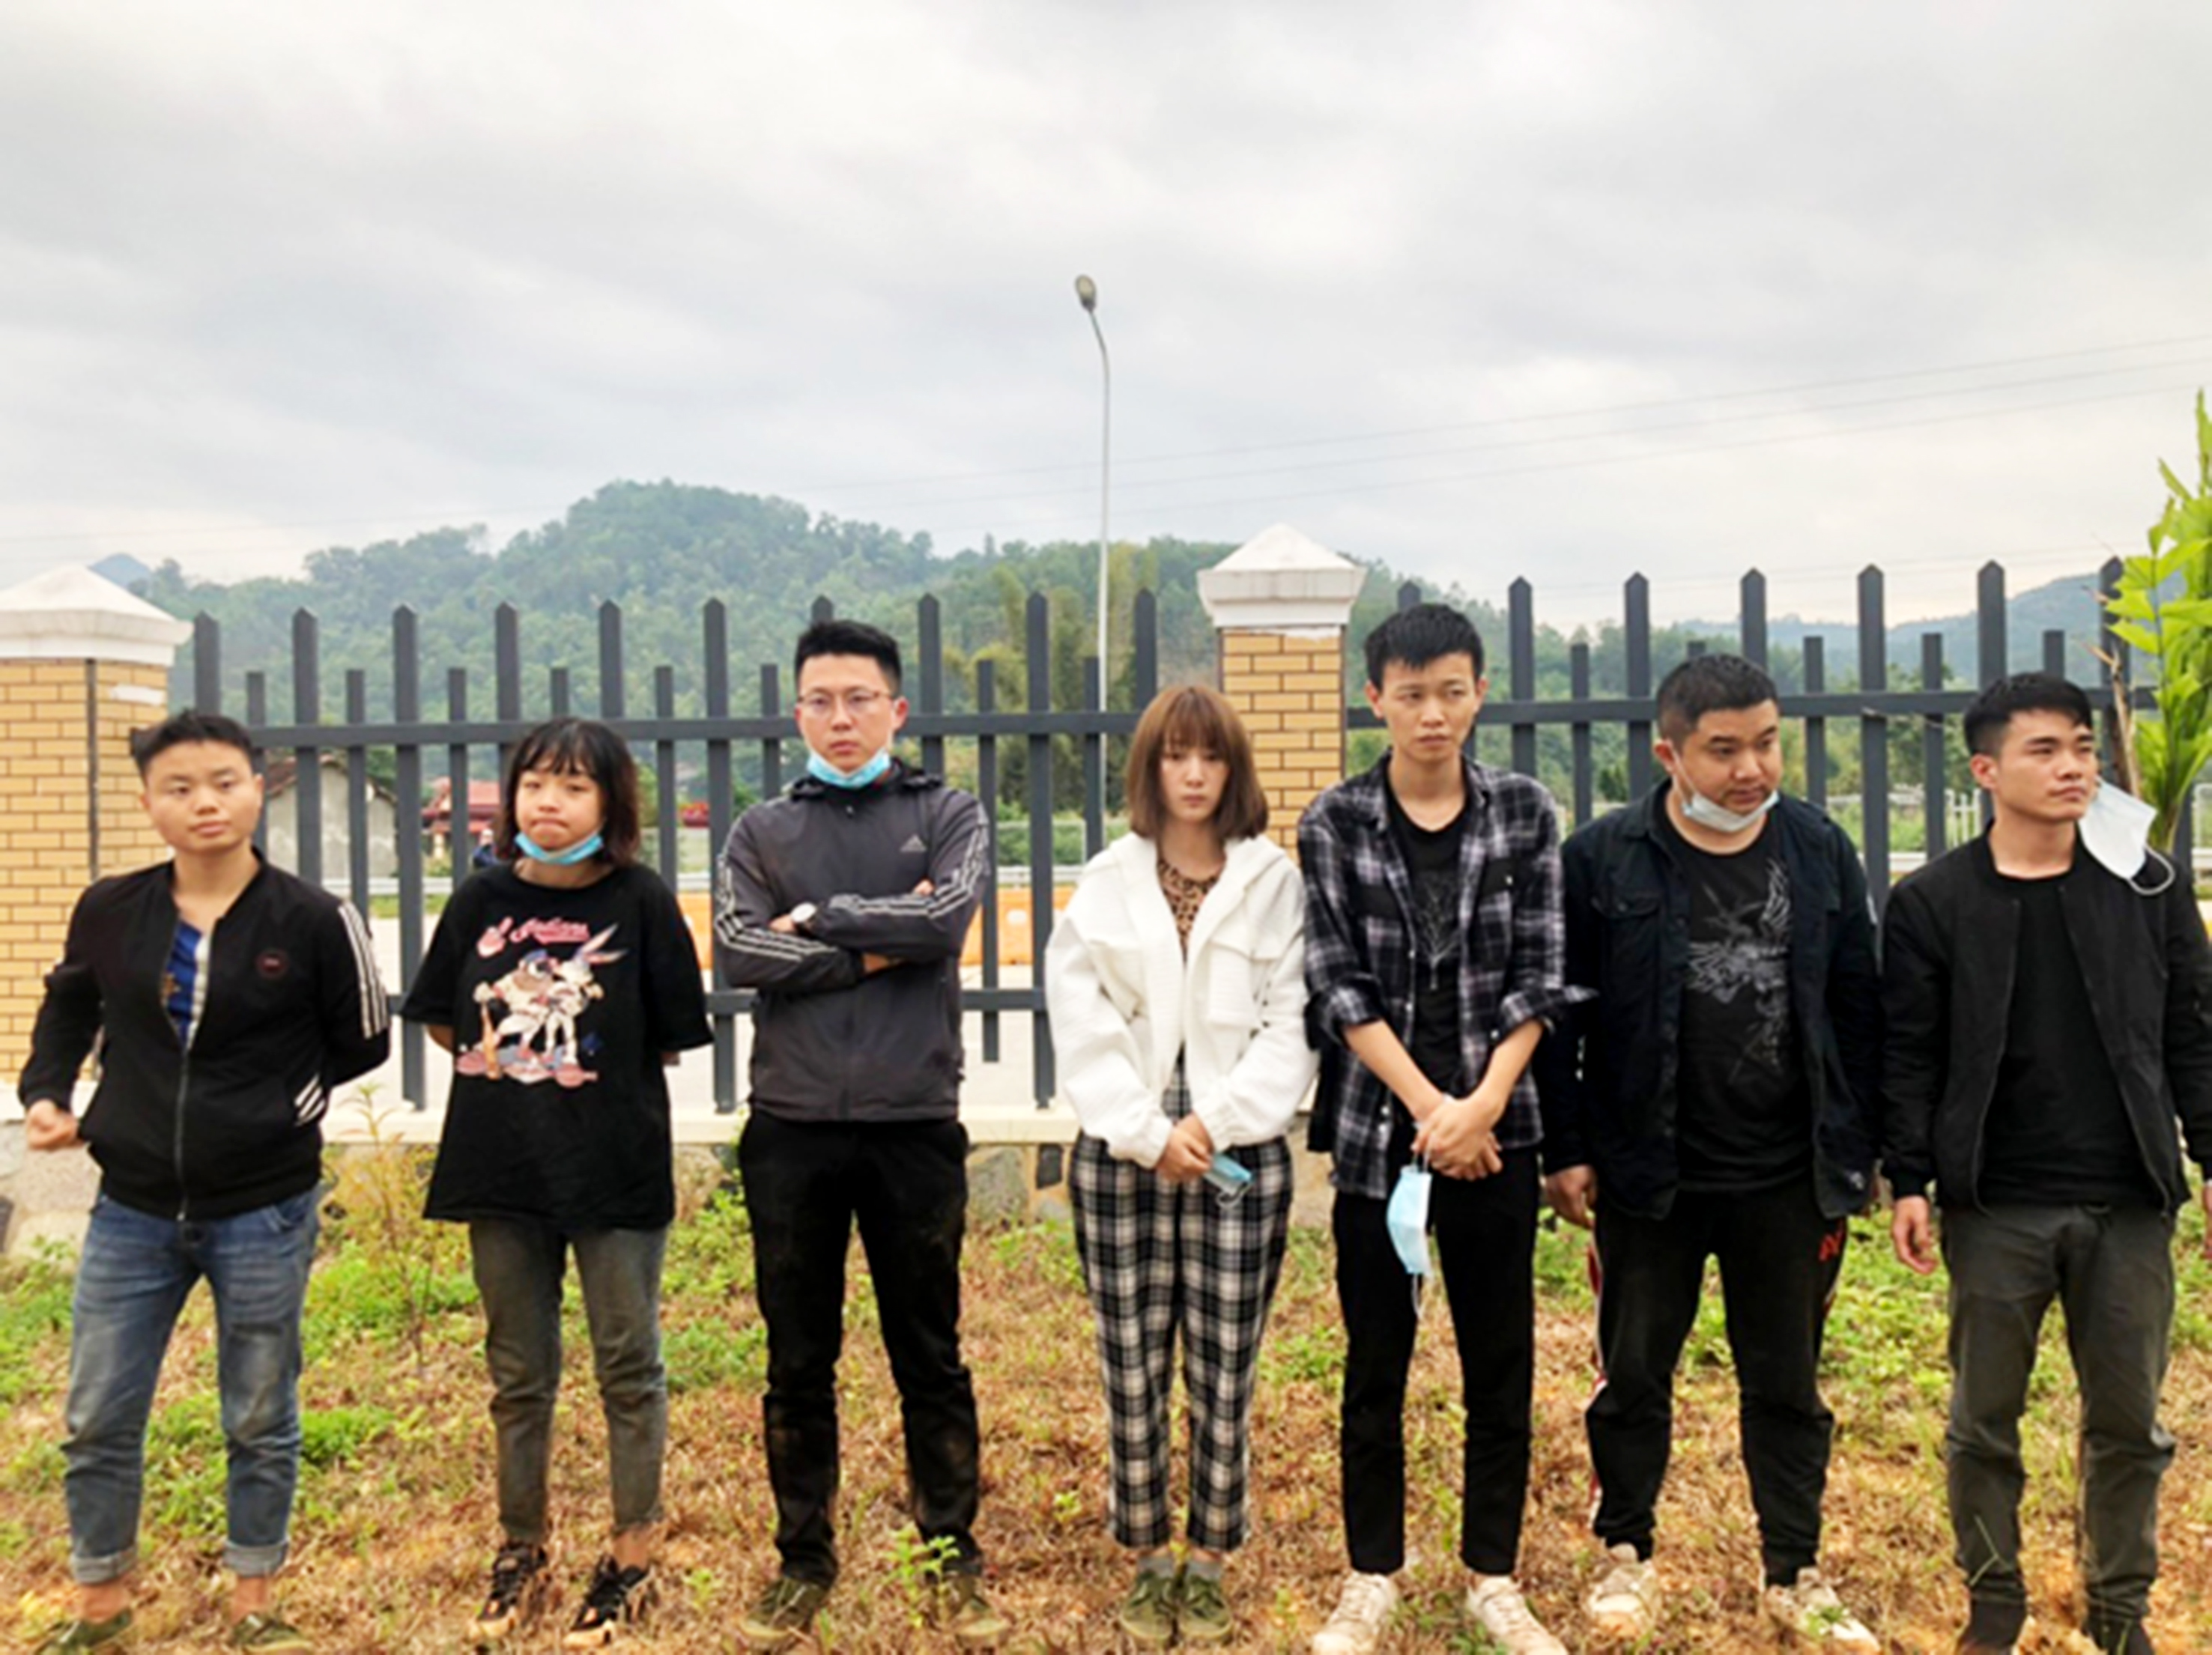 Bộ đội biên phòng Lạng Sơn bắt giữ các nhóm người nhập cảnh trái phép.